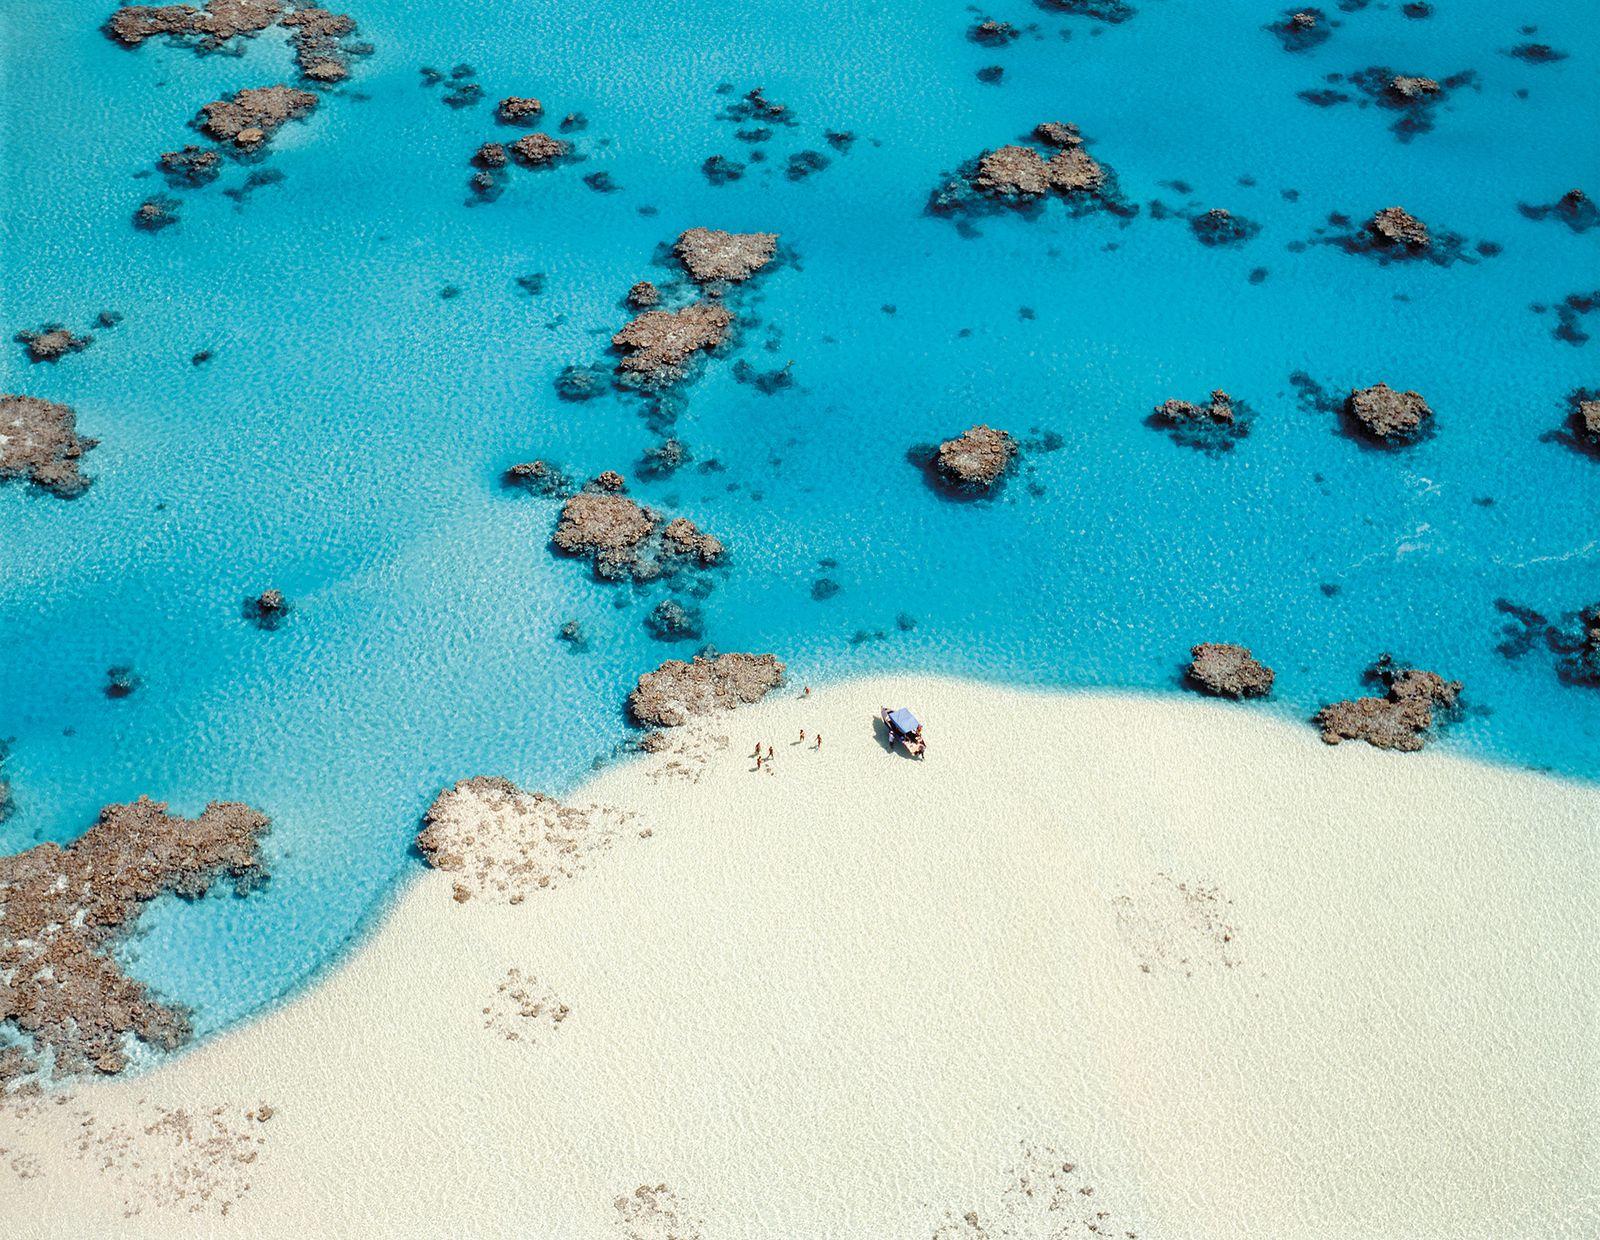 手つかずの自然が各所に残り、各所で見たことのないような絶景と出会えるクック諸島。そんななかでも絶対に訪れたい場所が、15の島のなかの一つ「アイツタキ島」にある「ワンフット・アイランド」のラグーン。アイツタキ島は、クック諸島の玄関口「ラロトンガ島」から国内線で約50分の距離に所在する島ですが、飛行機からの途上にも見えるラグーンの美しさが、とにかく格別。この淡いブルー(アイツタキ・ブルーと呼ばれます)と真っ白な砂のコントラストは、日本ではお目にかかれない種類の色味ですよね。